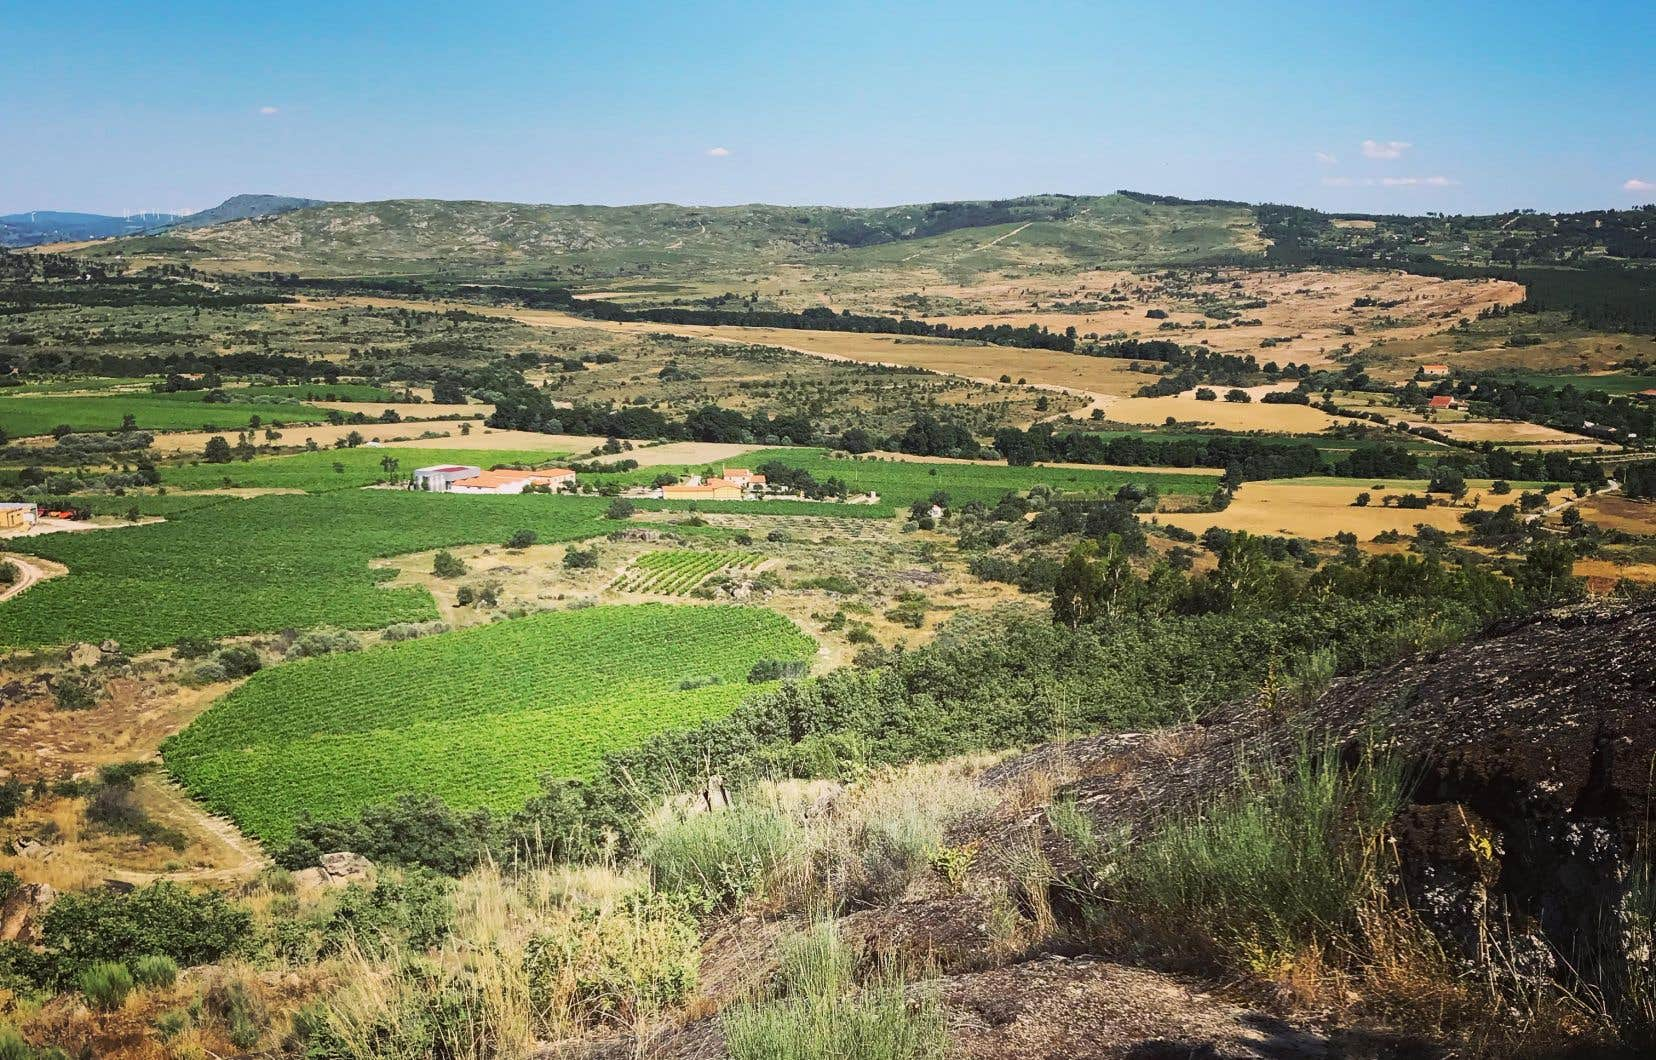 Beira Interior: «La fraîcheur des montagnes». C'est le credo de cette vaste région située au sud du fleuve Douro, une région contrastée par des nuits fraîches et des journées torrides qui assurent, dans ce coin de pays encastré, une vivacité inhabituelle aux vins. Ici, vignobles à la Quinta Dos Thermos.